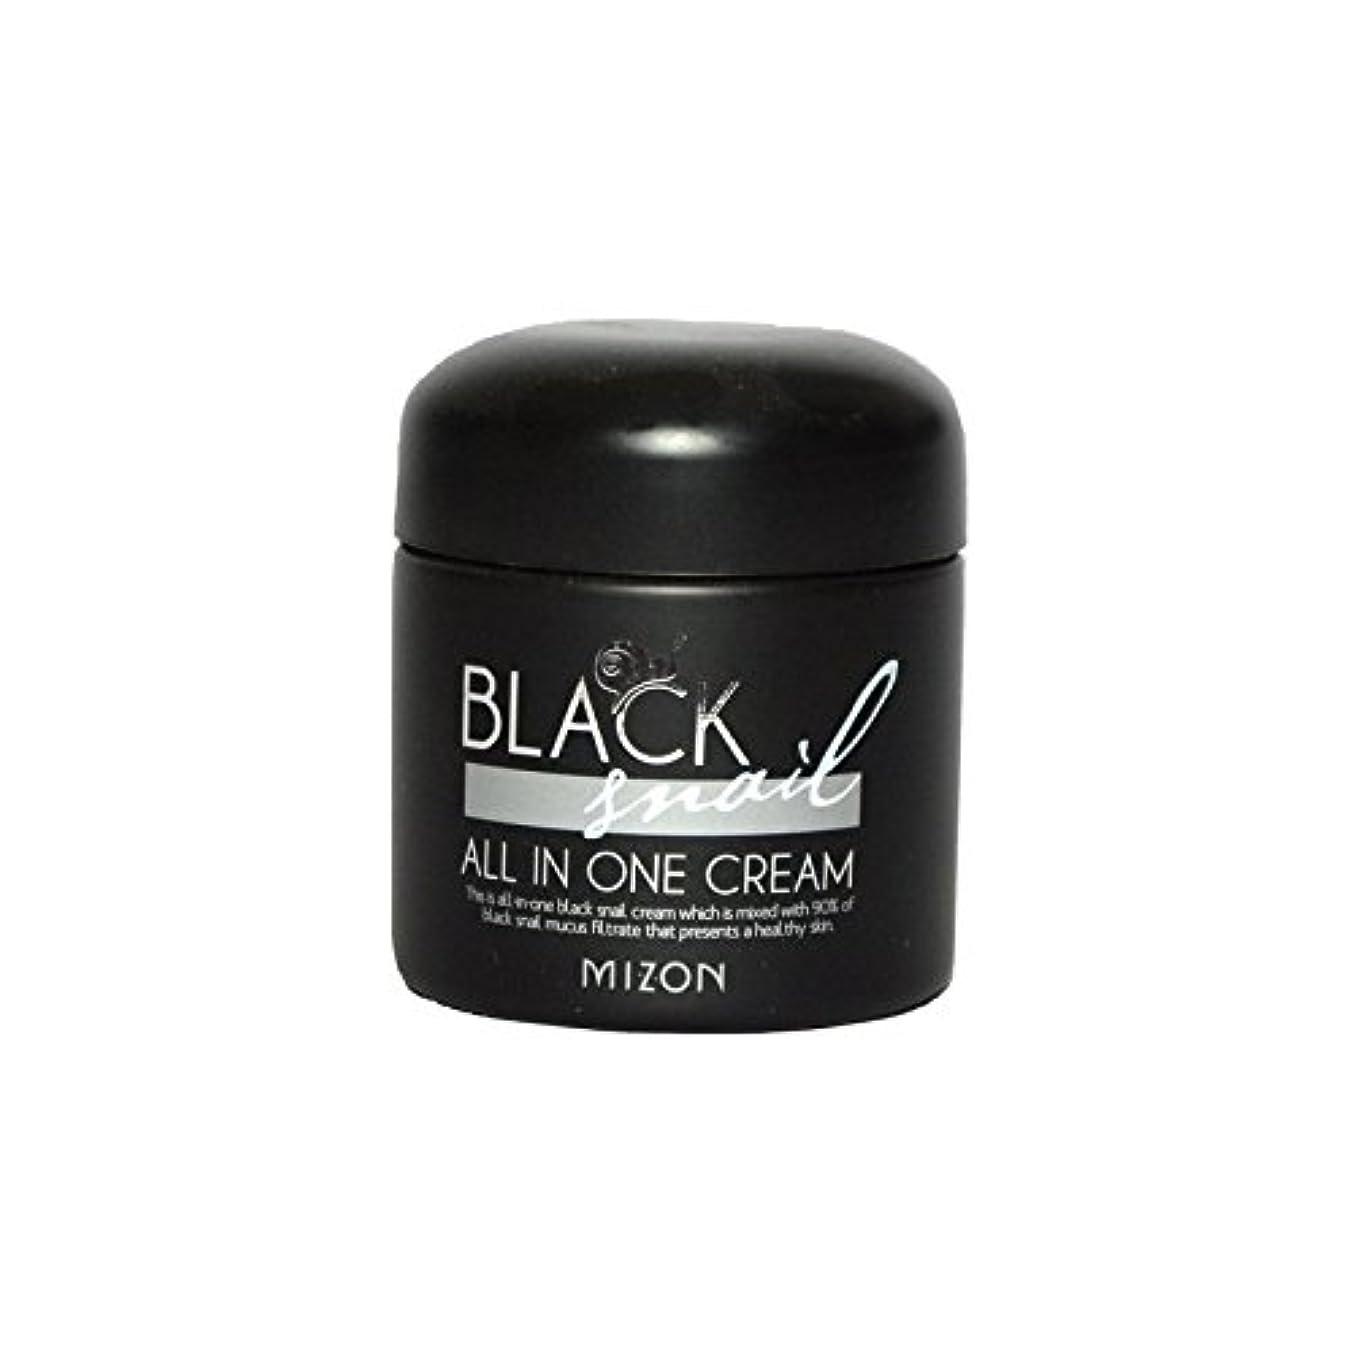 切る素晴らしきクラック黒カタツムリオールインワンクリーム x2 - Mizon Black Snail All in One Cream (Pack of 2) [並行輸入品]